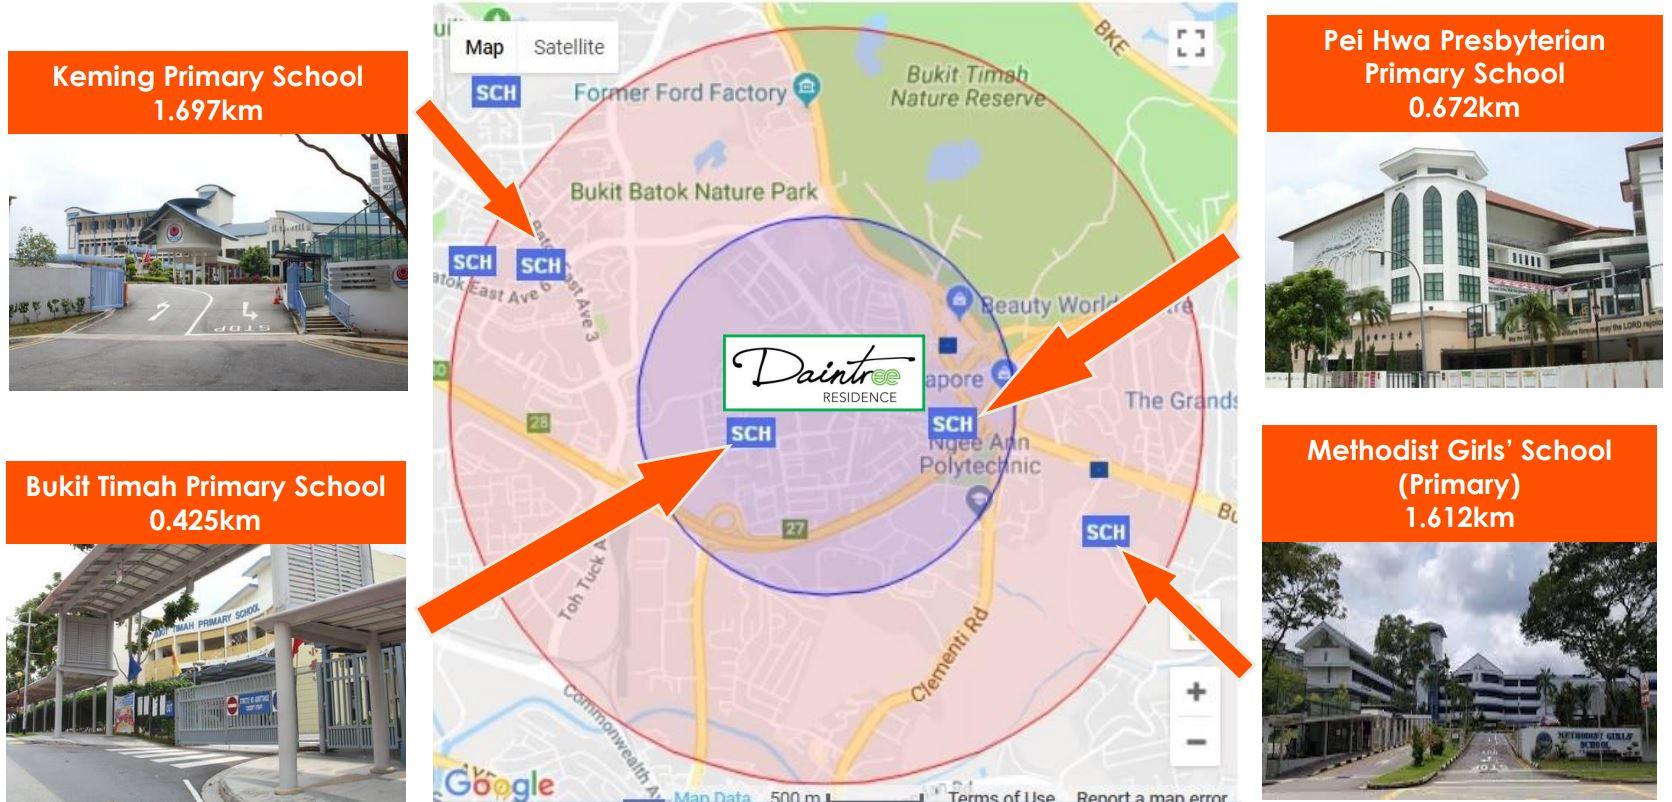 daintree-condo-nearby-schools